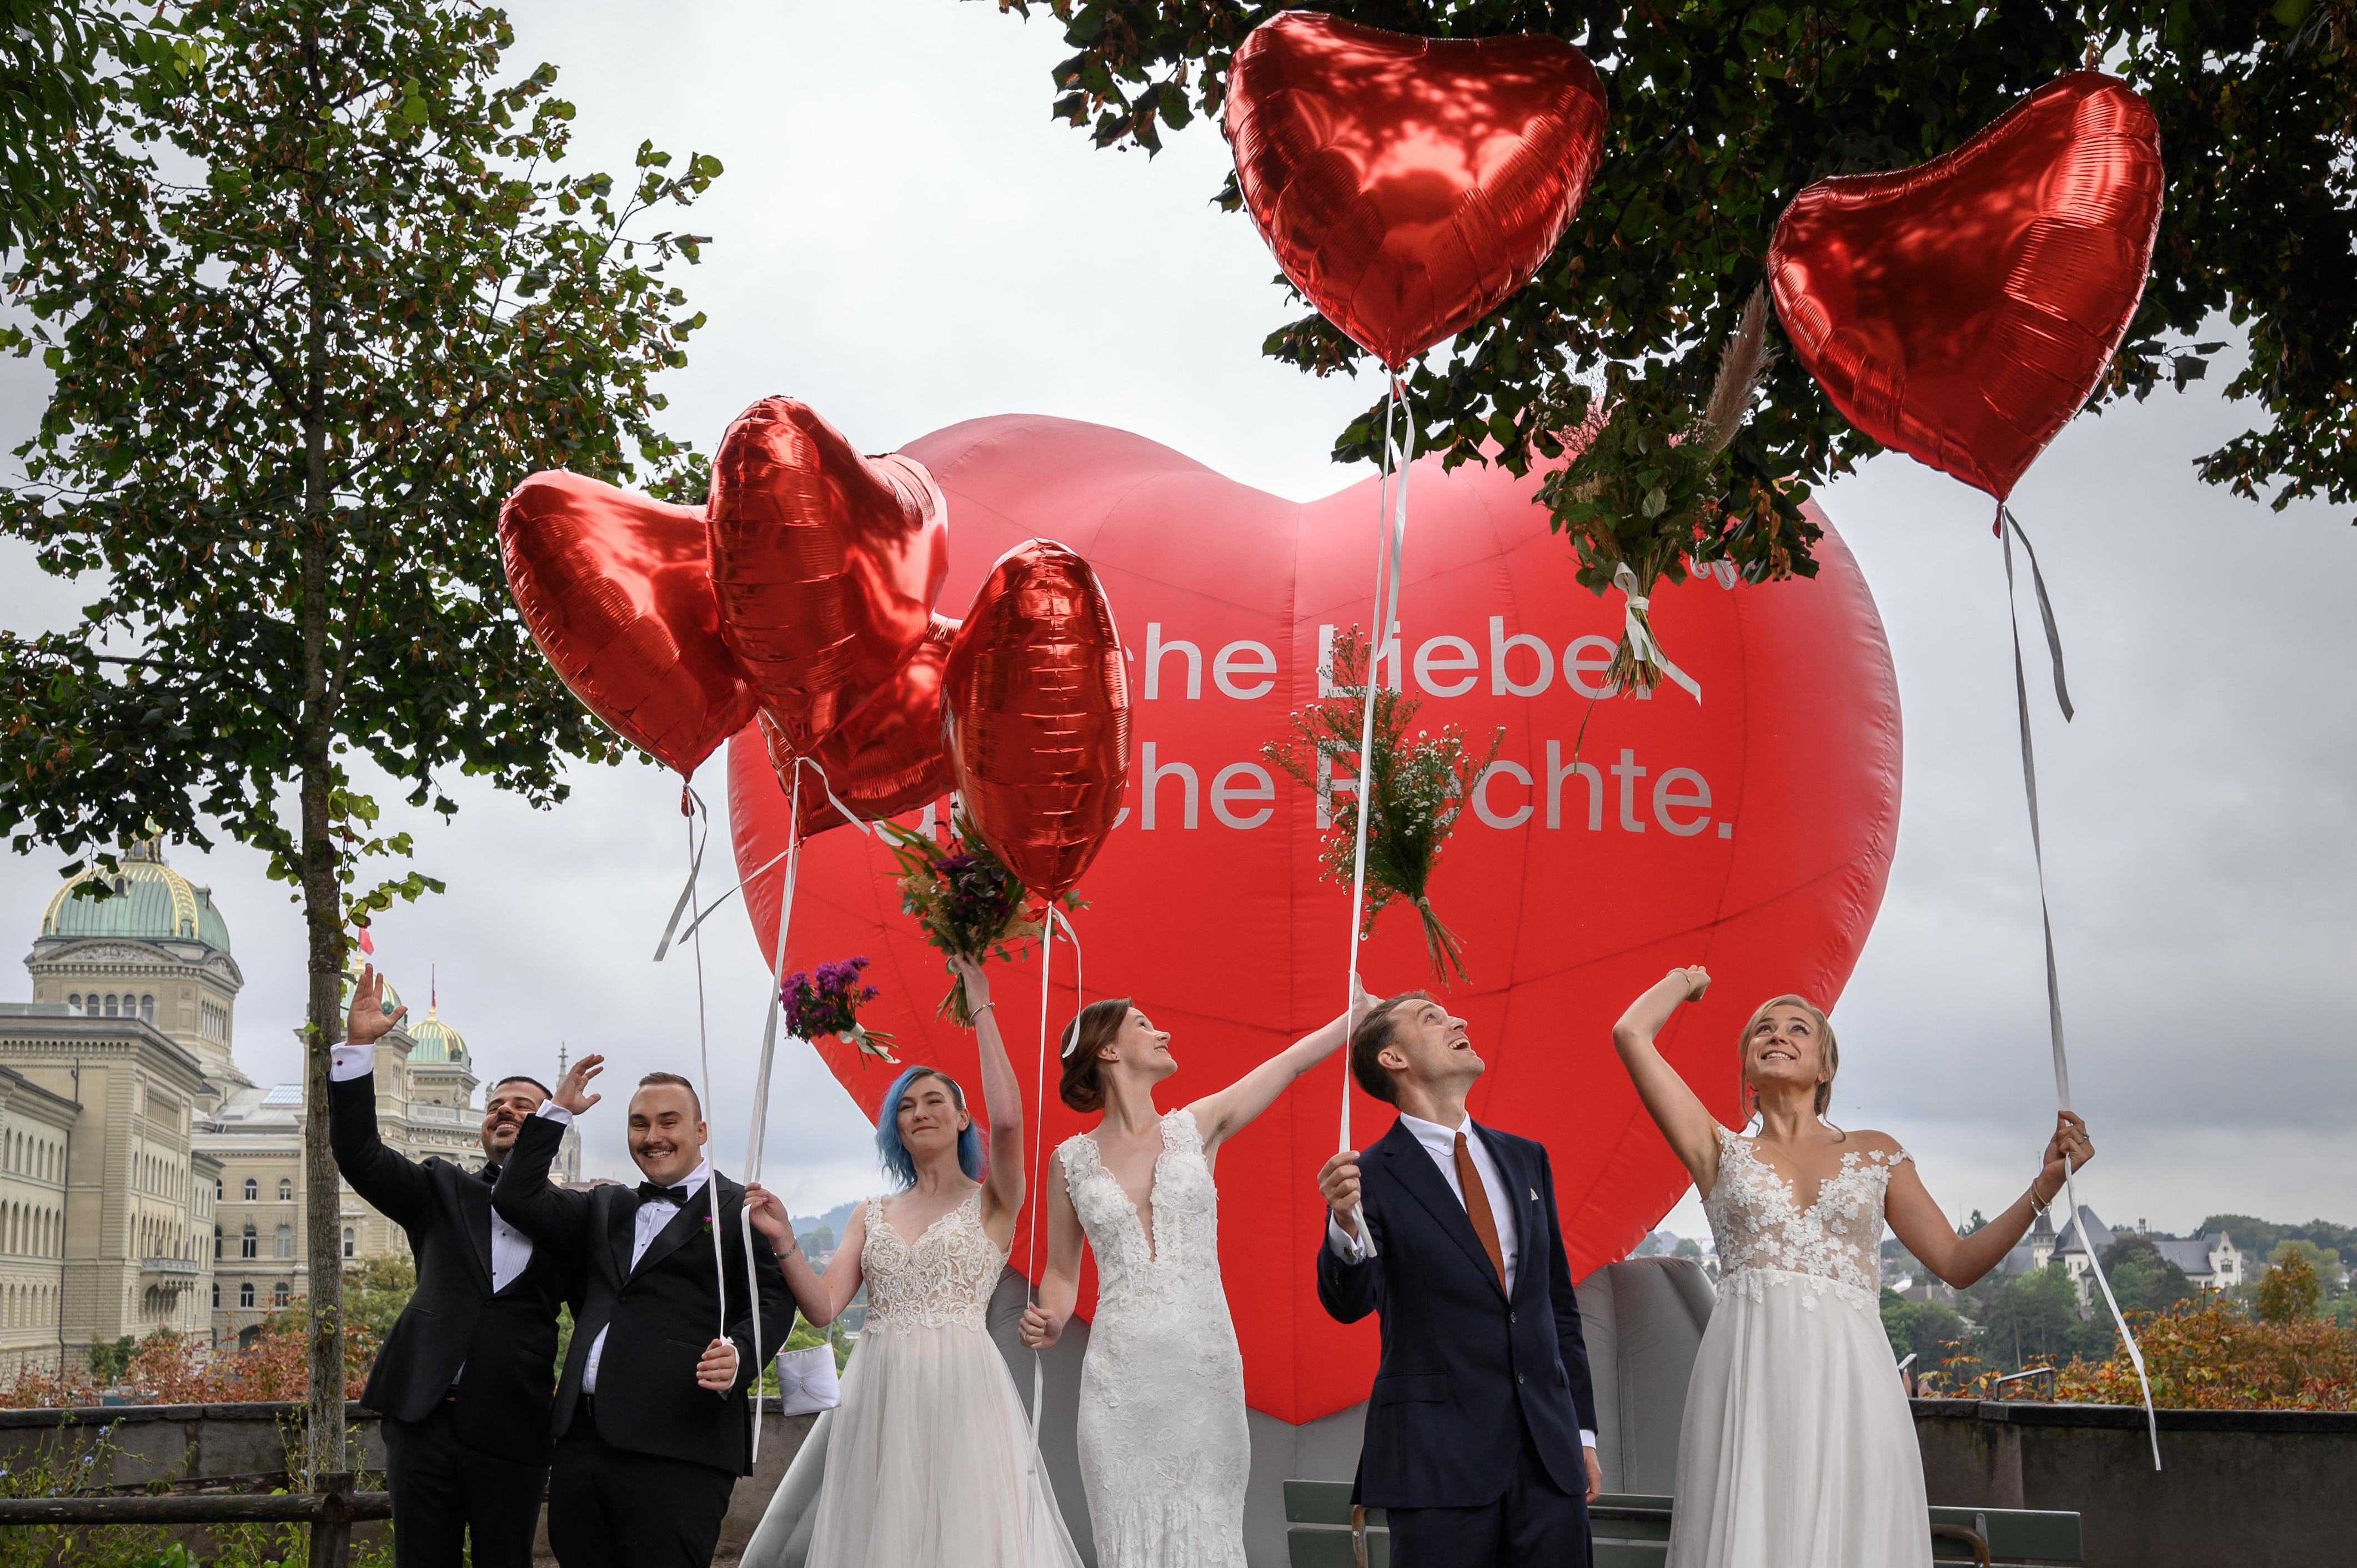 Casais fazem fotos e celebram referendo em Berna, capital da Suíça (Foto: Fabrice COFFRINI/AFP  )